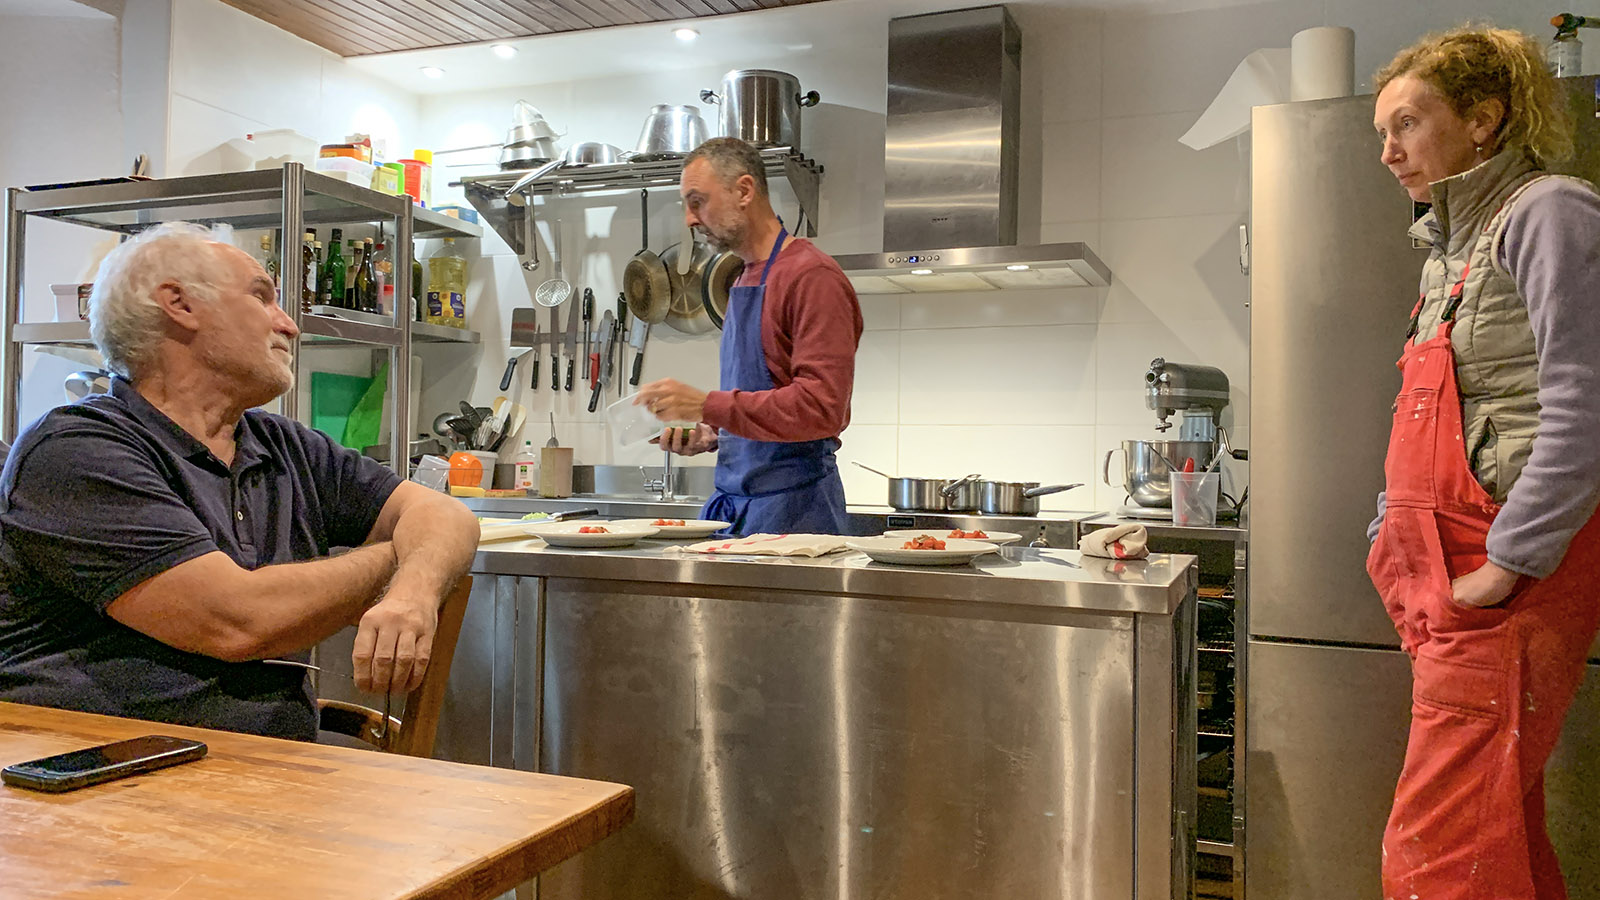 Apéro und table d'hôte werden in der offenen Küche serviert.